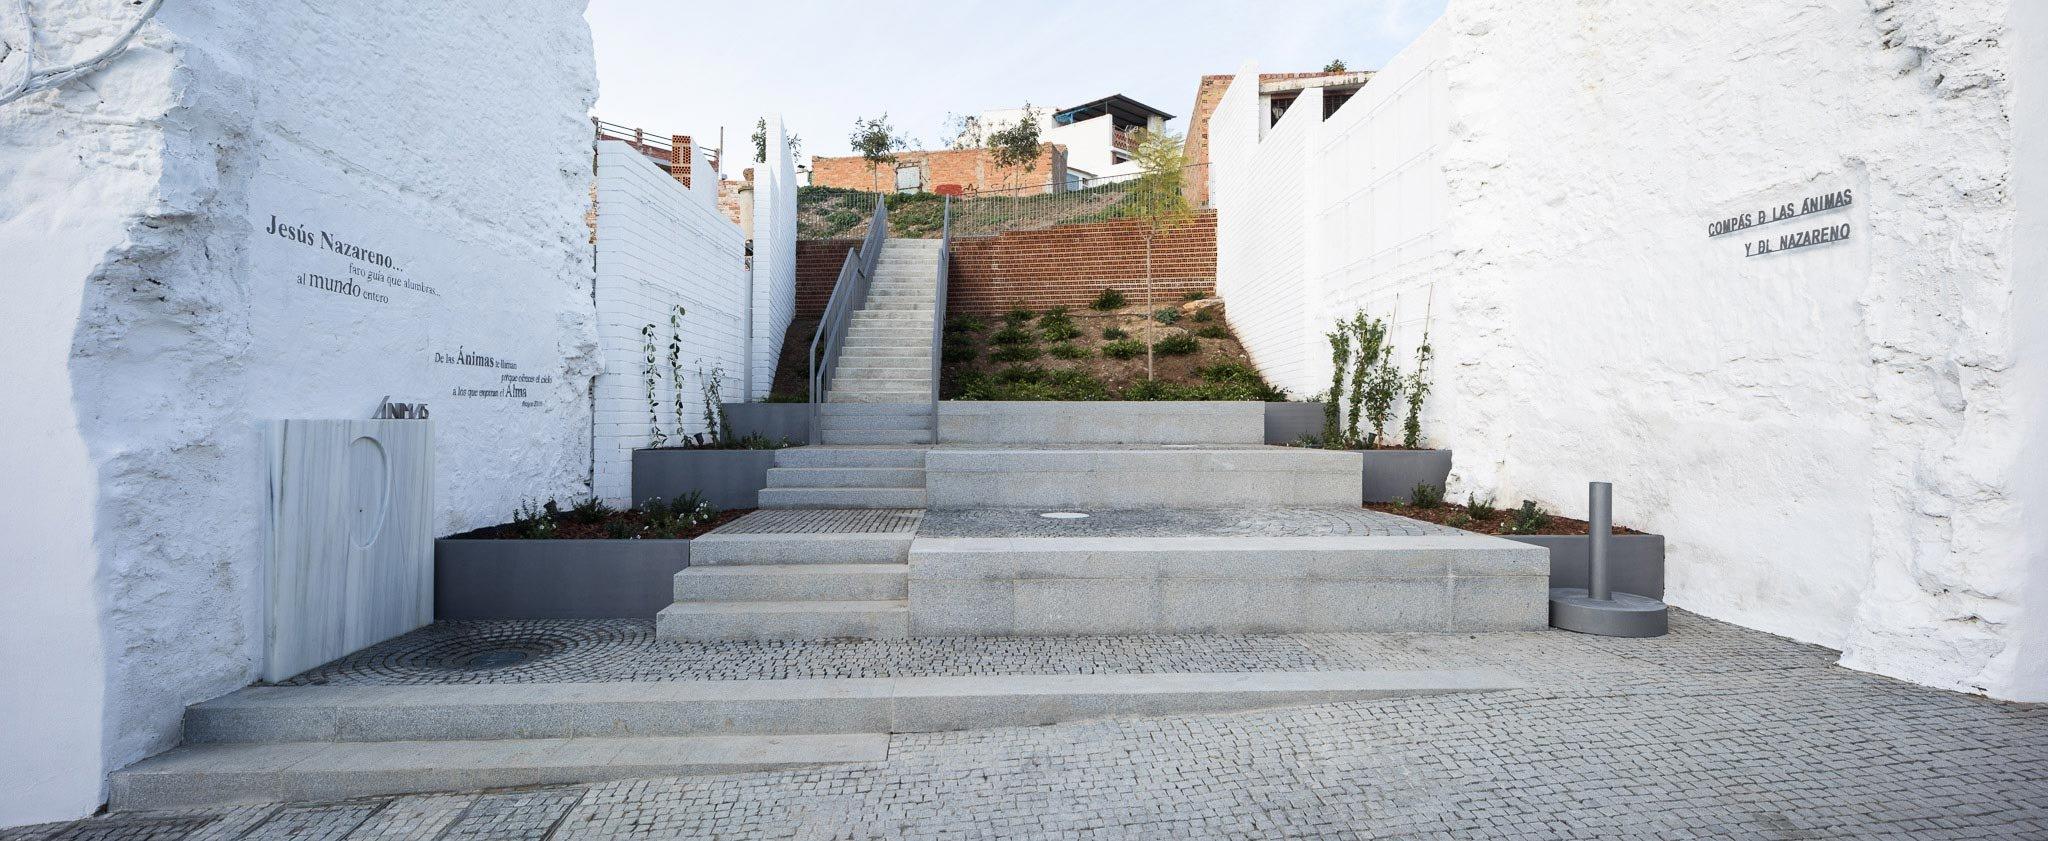 Croquis. Compás de las Ánimas y del Nazareno por WaterScales arquitectos. Fotografía © Fernando Alda